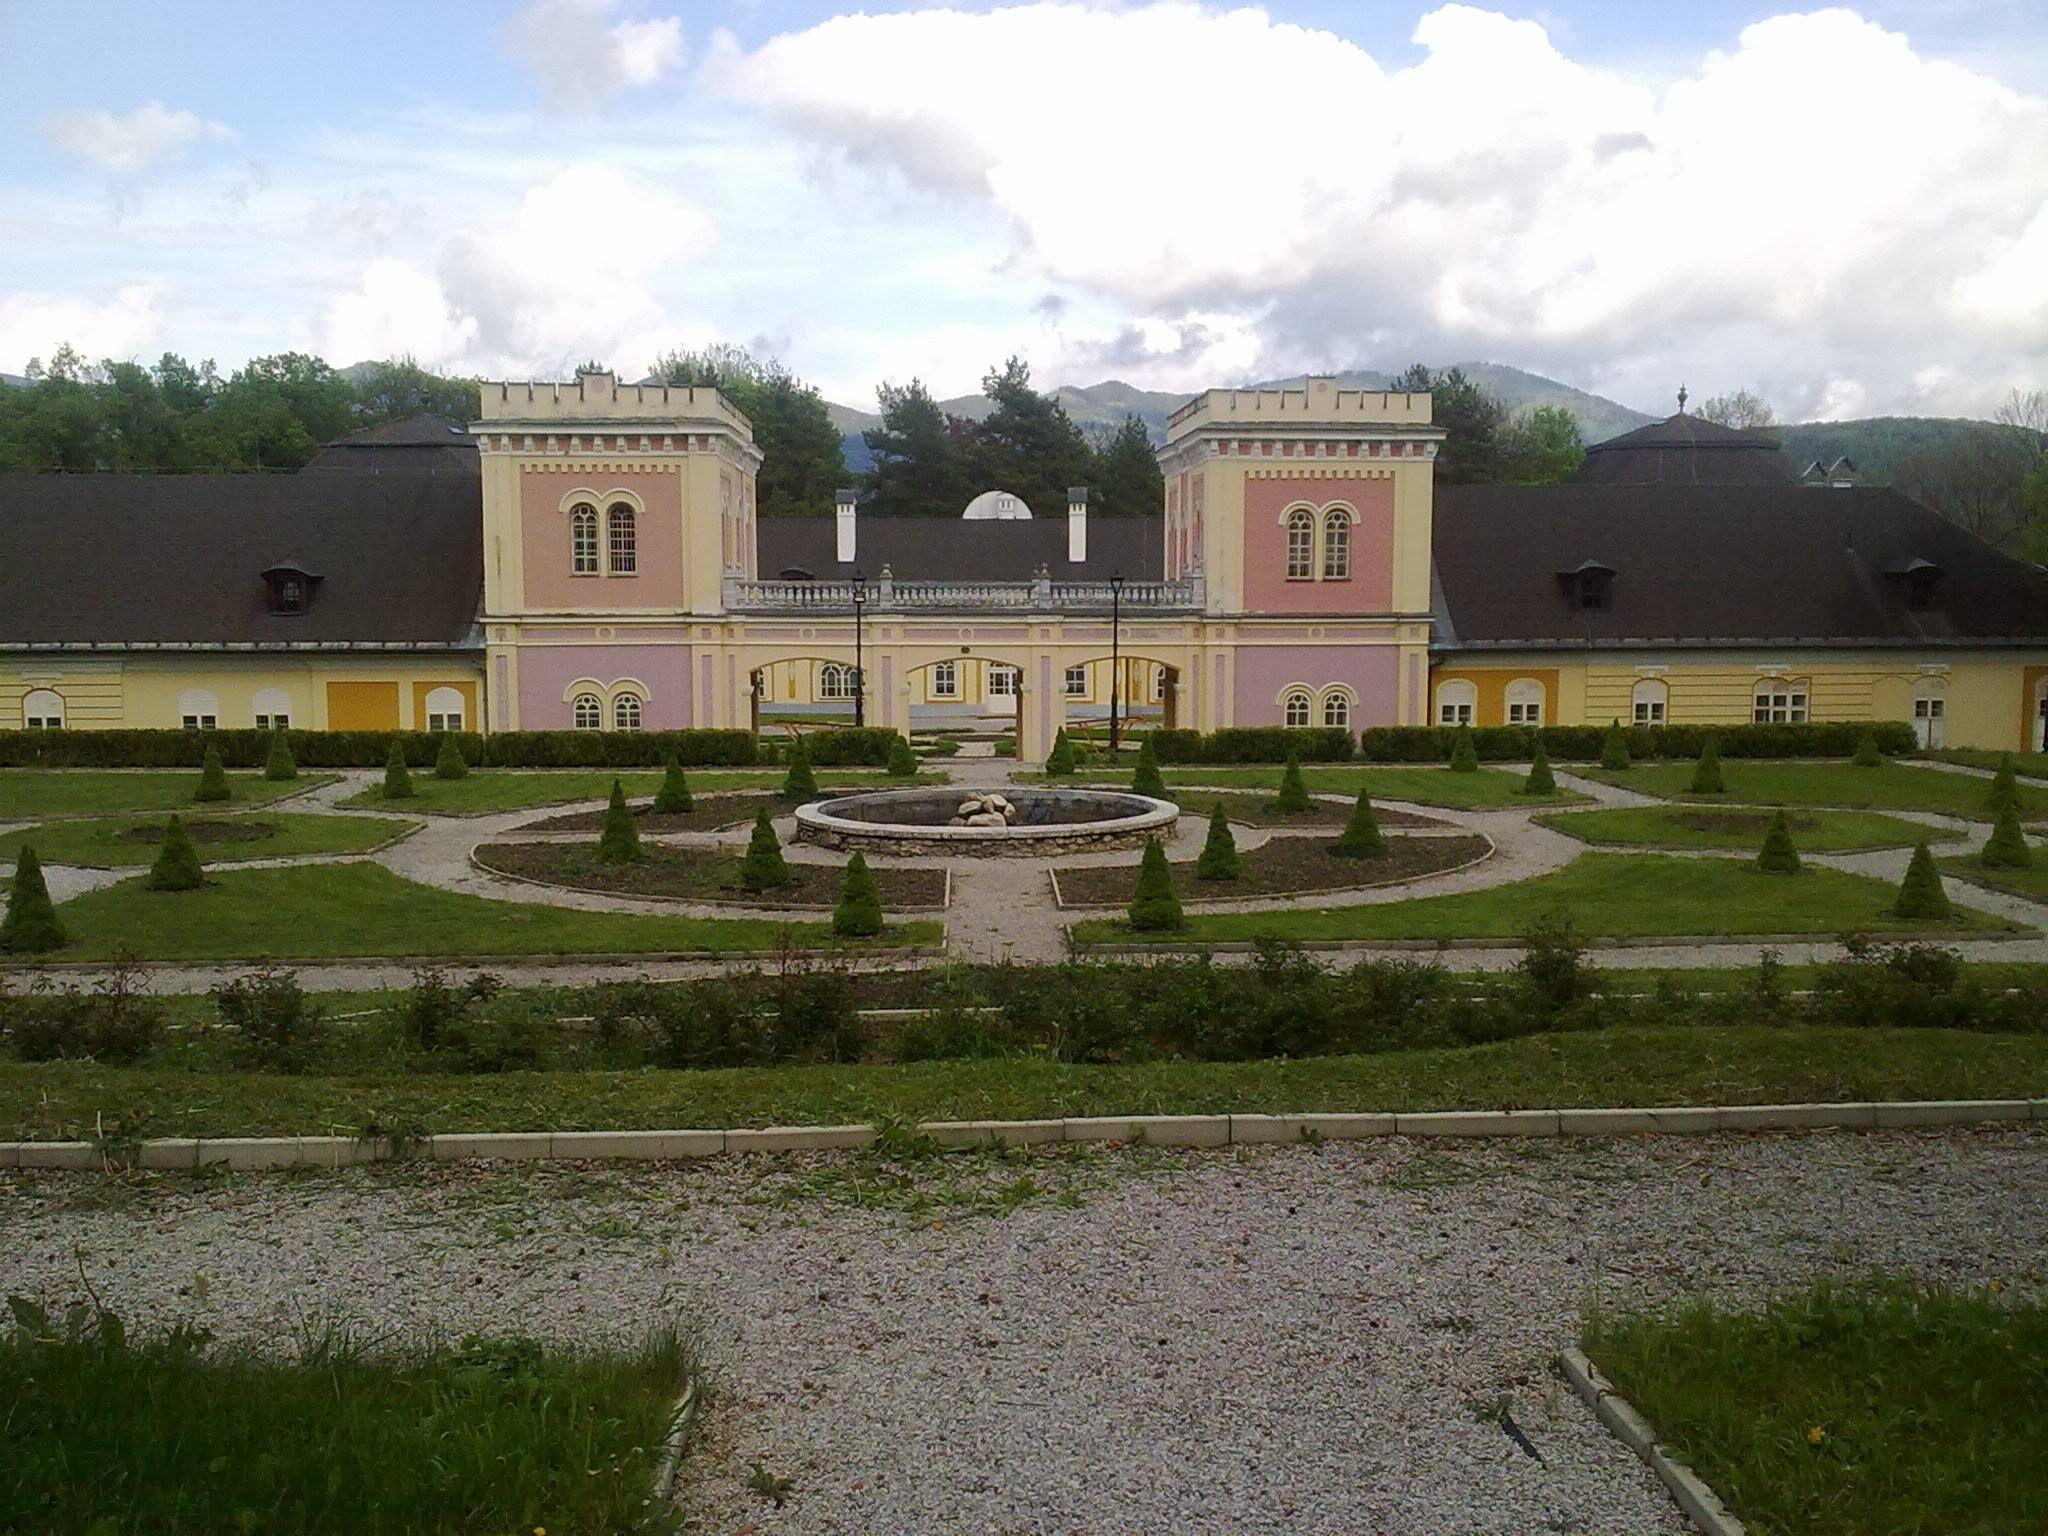 Kaštieľ v Hodkovciach pri Spišskom hrade, priľahlá kaplnka a rodinný cintorín Csákyovcov